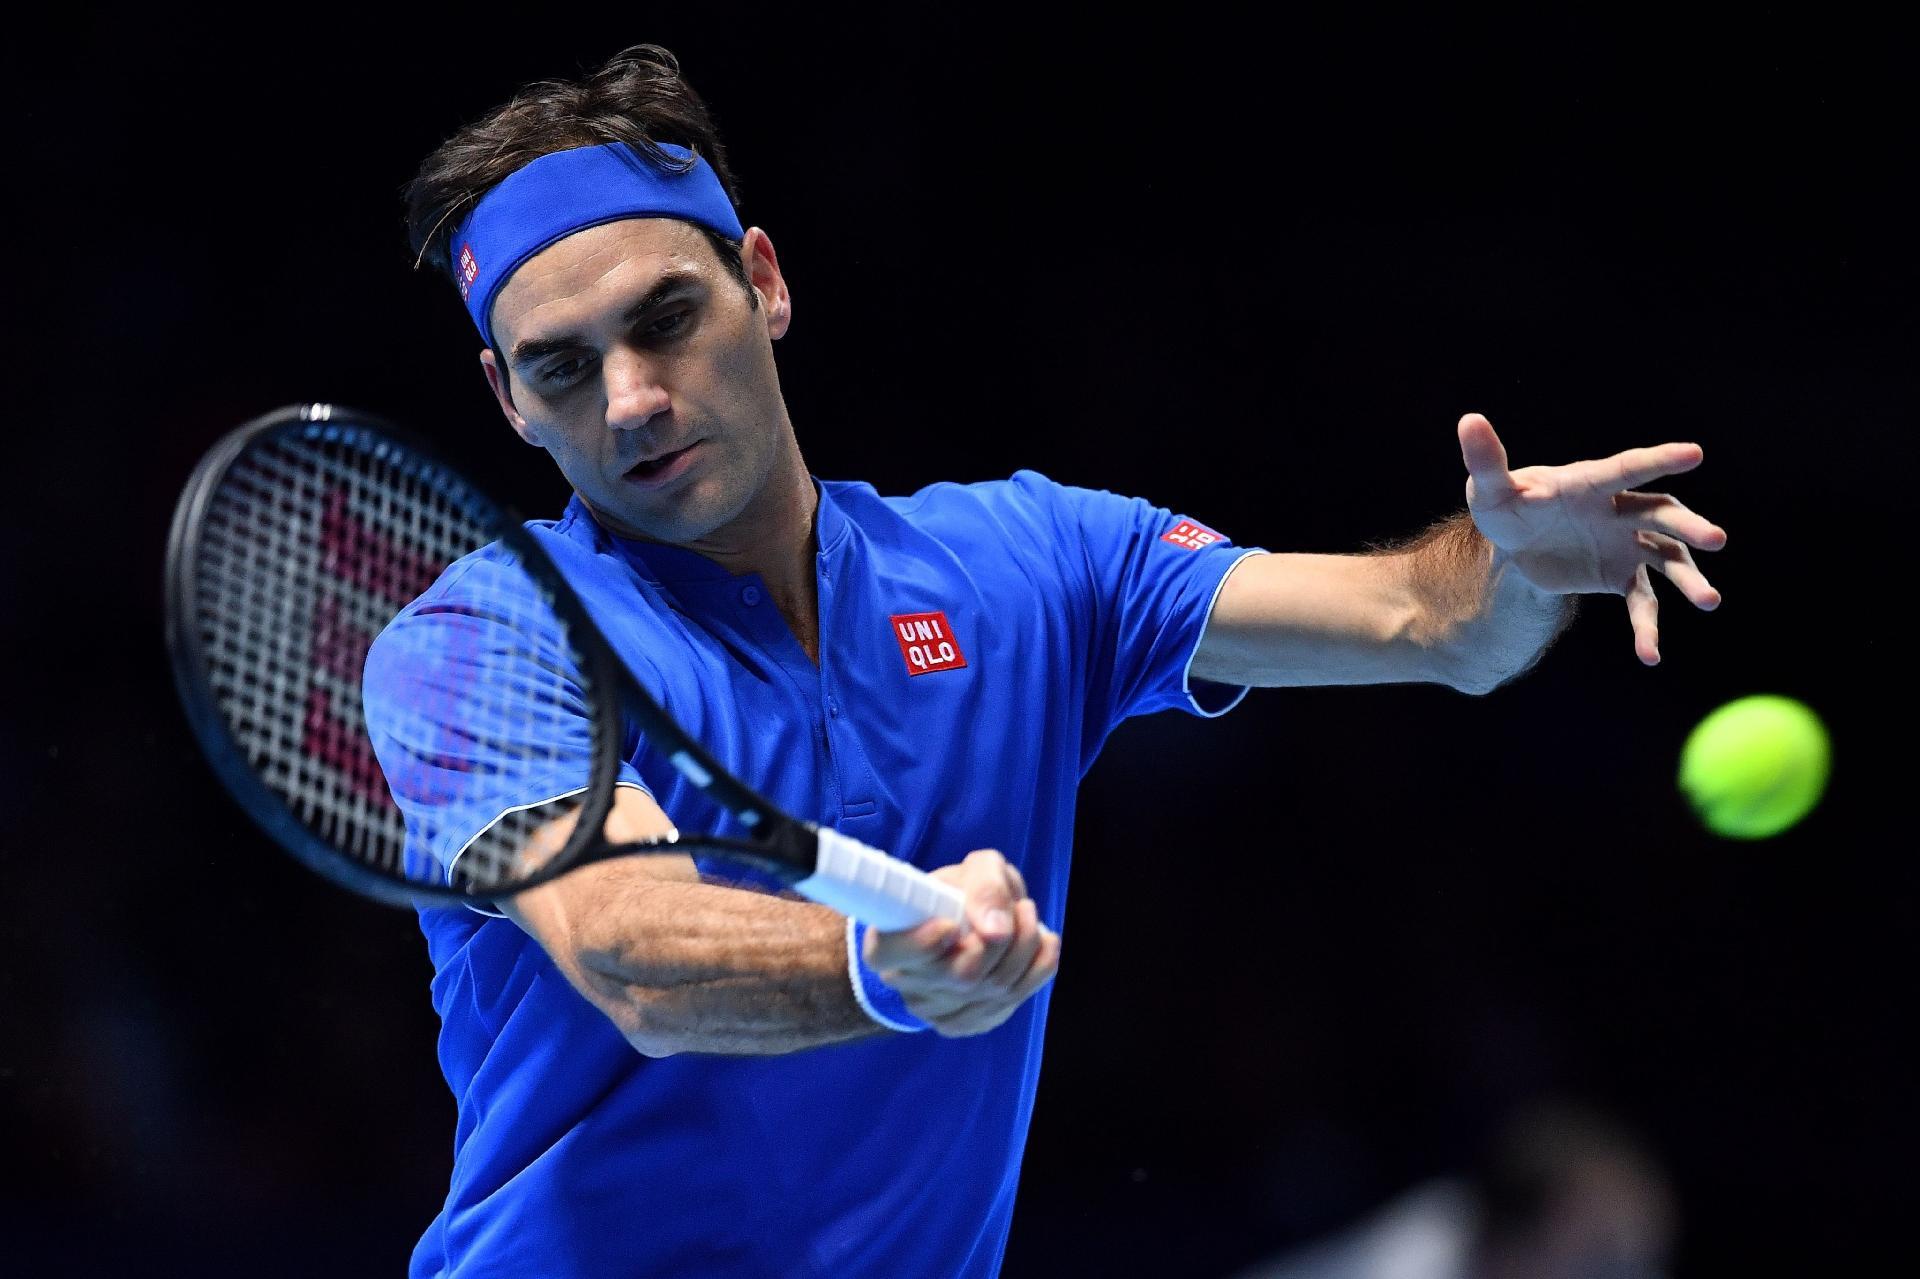 fe9e72118c9 Federer perde na semi e pode ver Djokovic igualar recorde no ATP Finals -  17 11 2018 - UOL Esporte